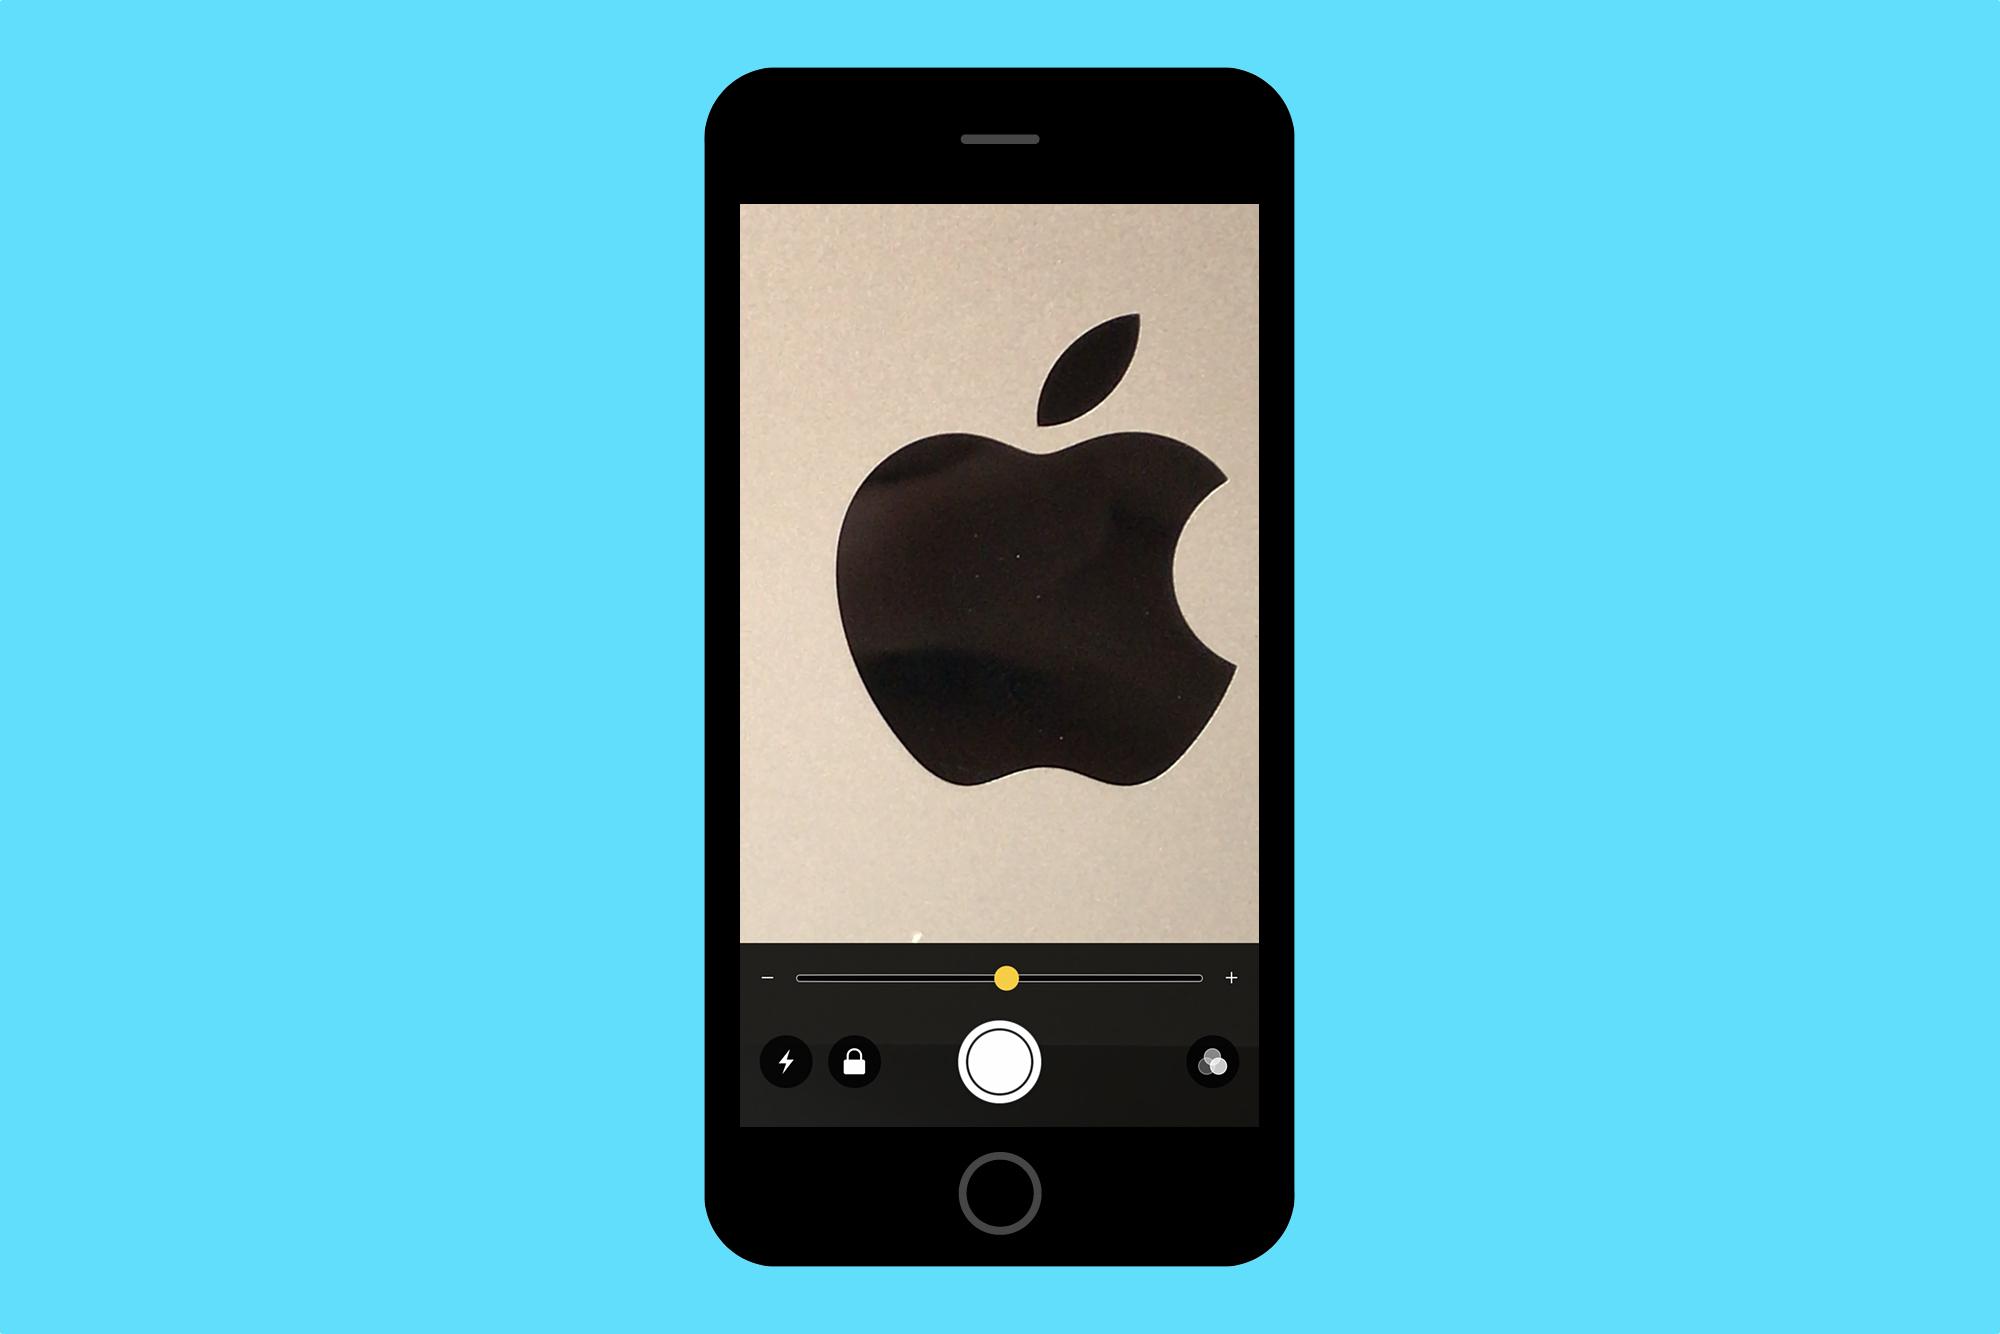 Zo werkt de vergrootglasfunctie van iOS 10